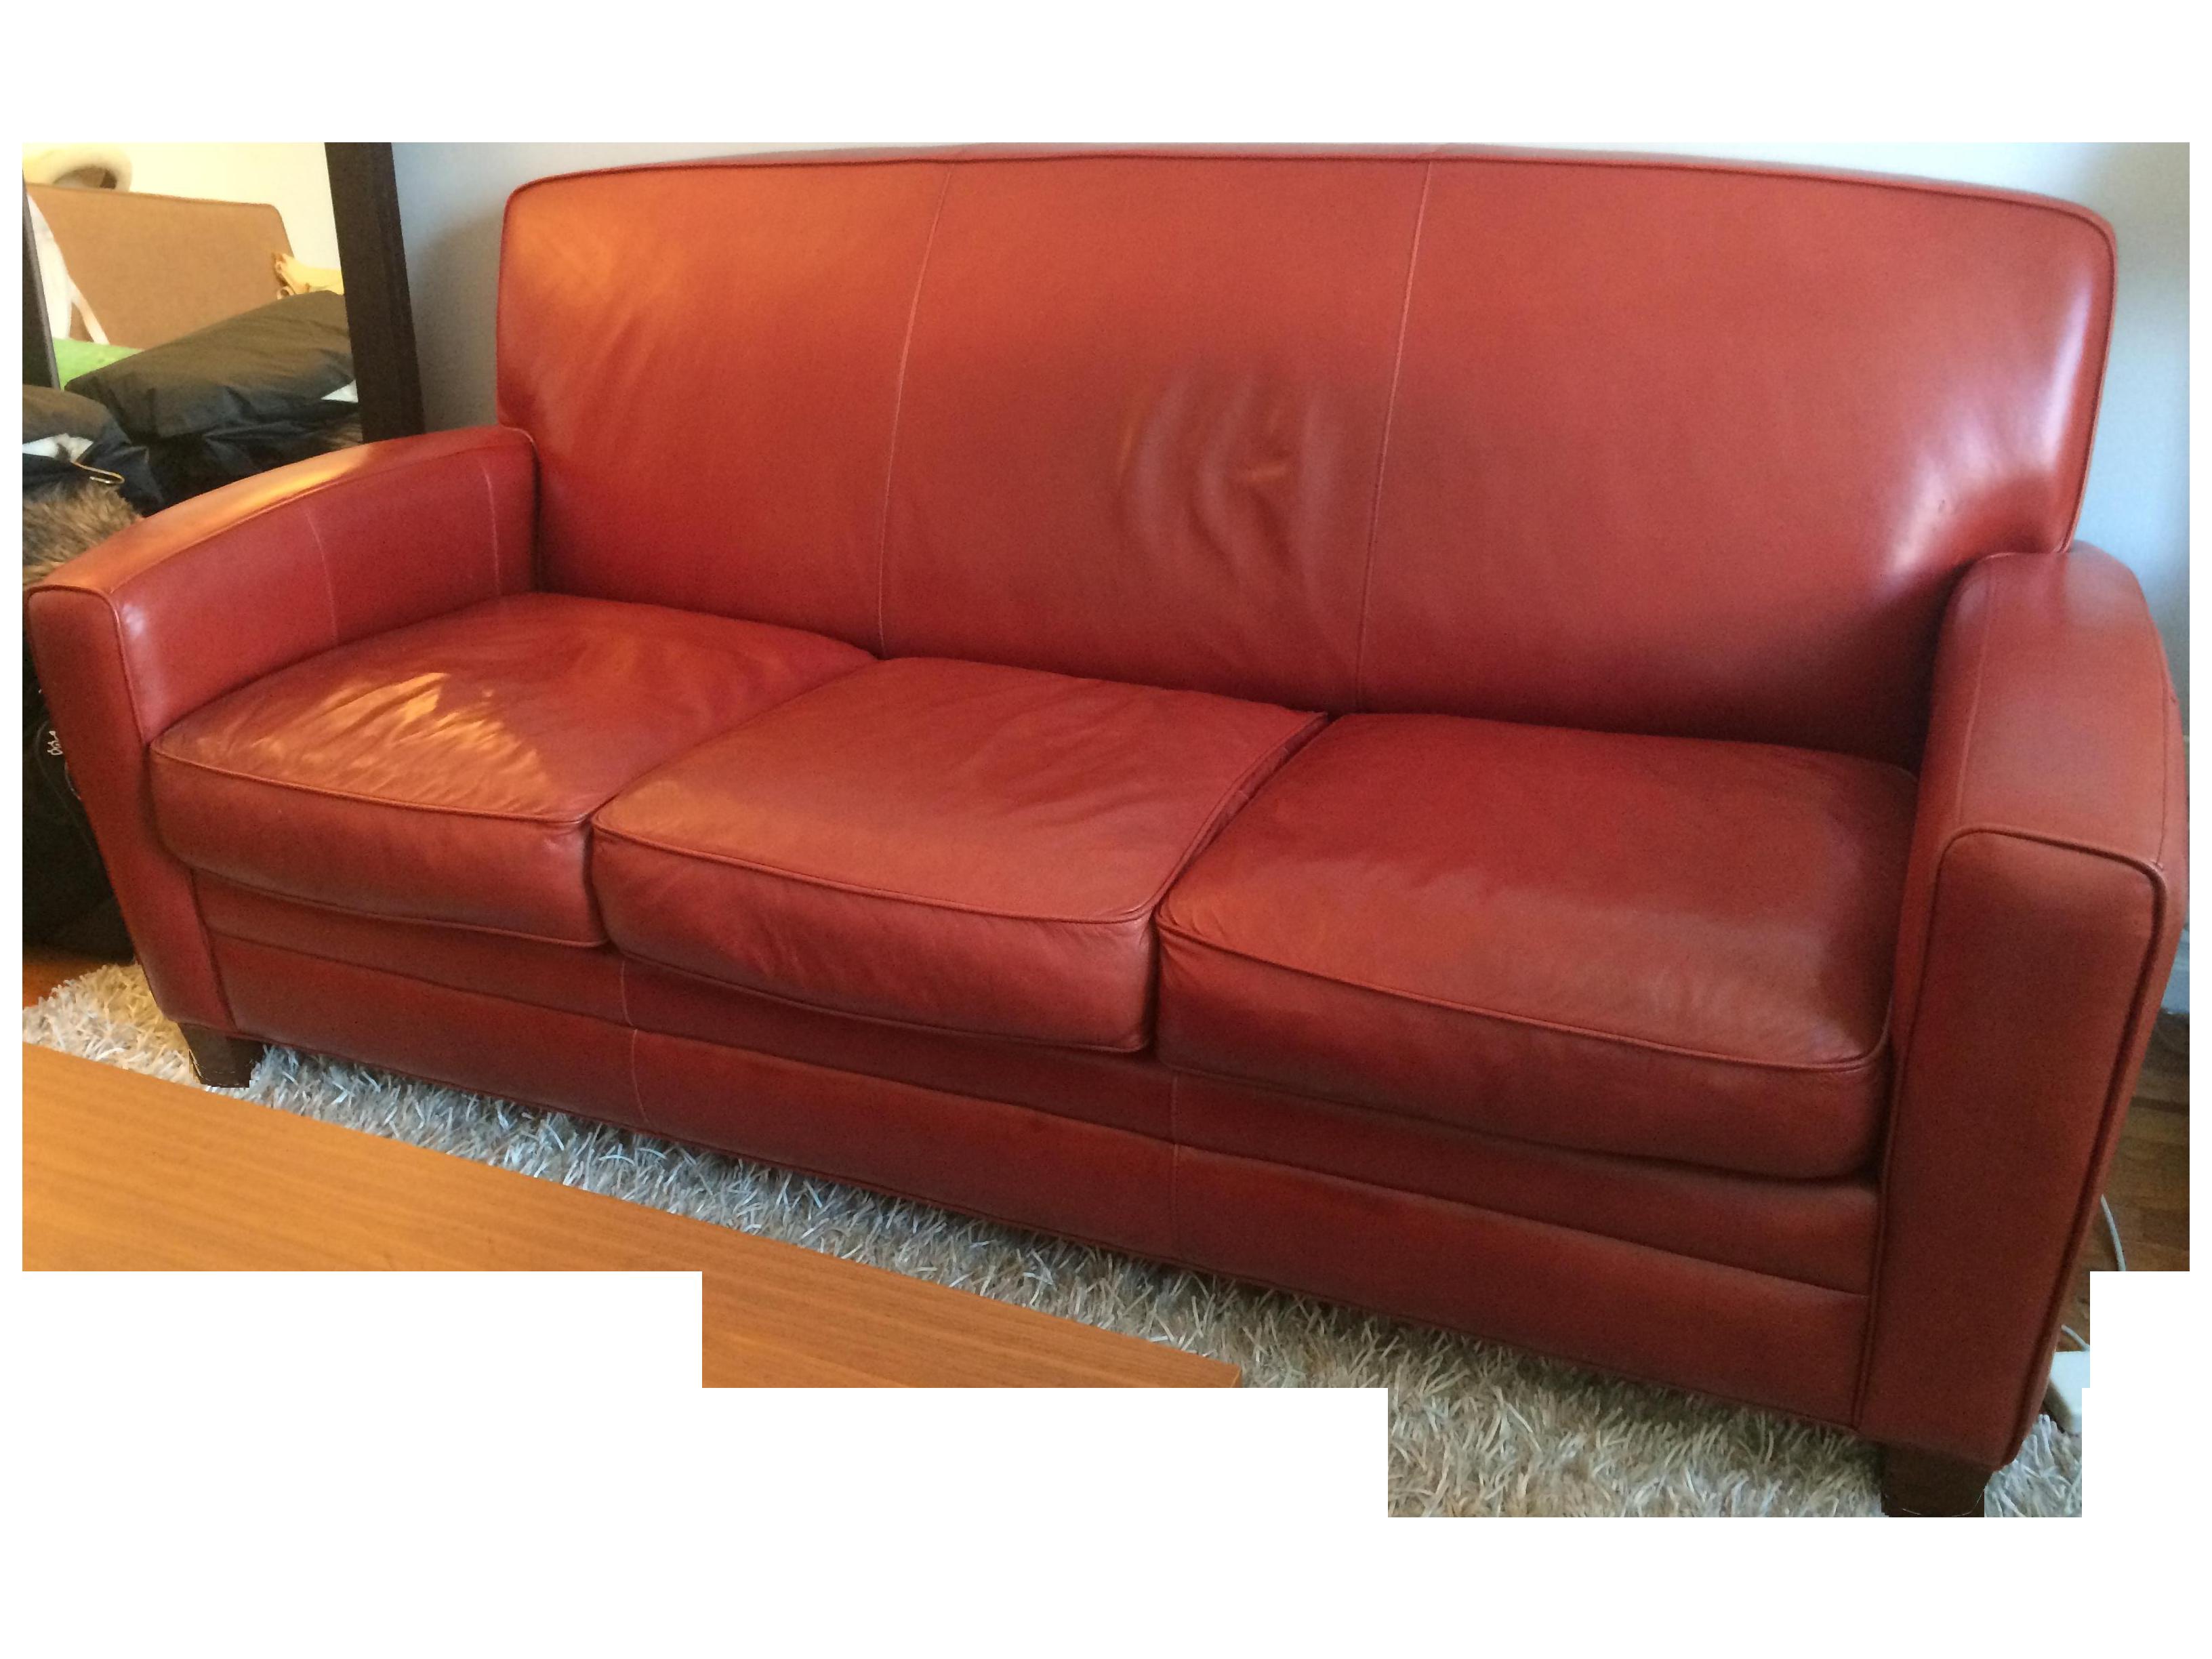 Thomasville Furniture Okc